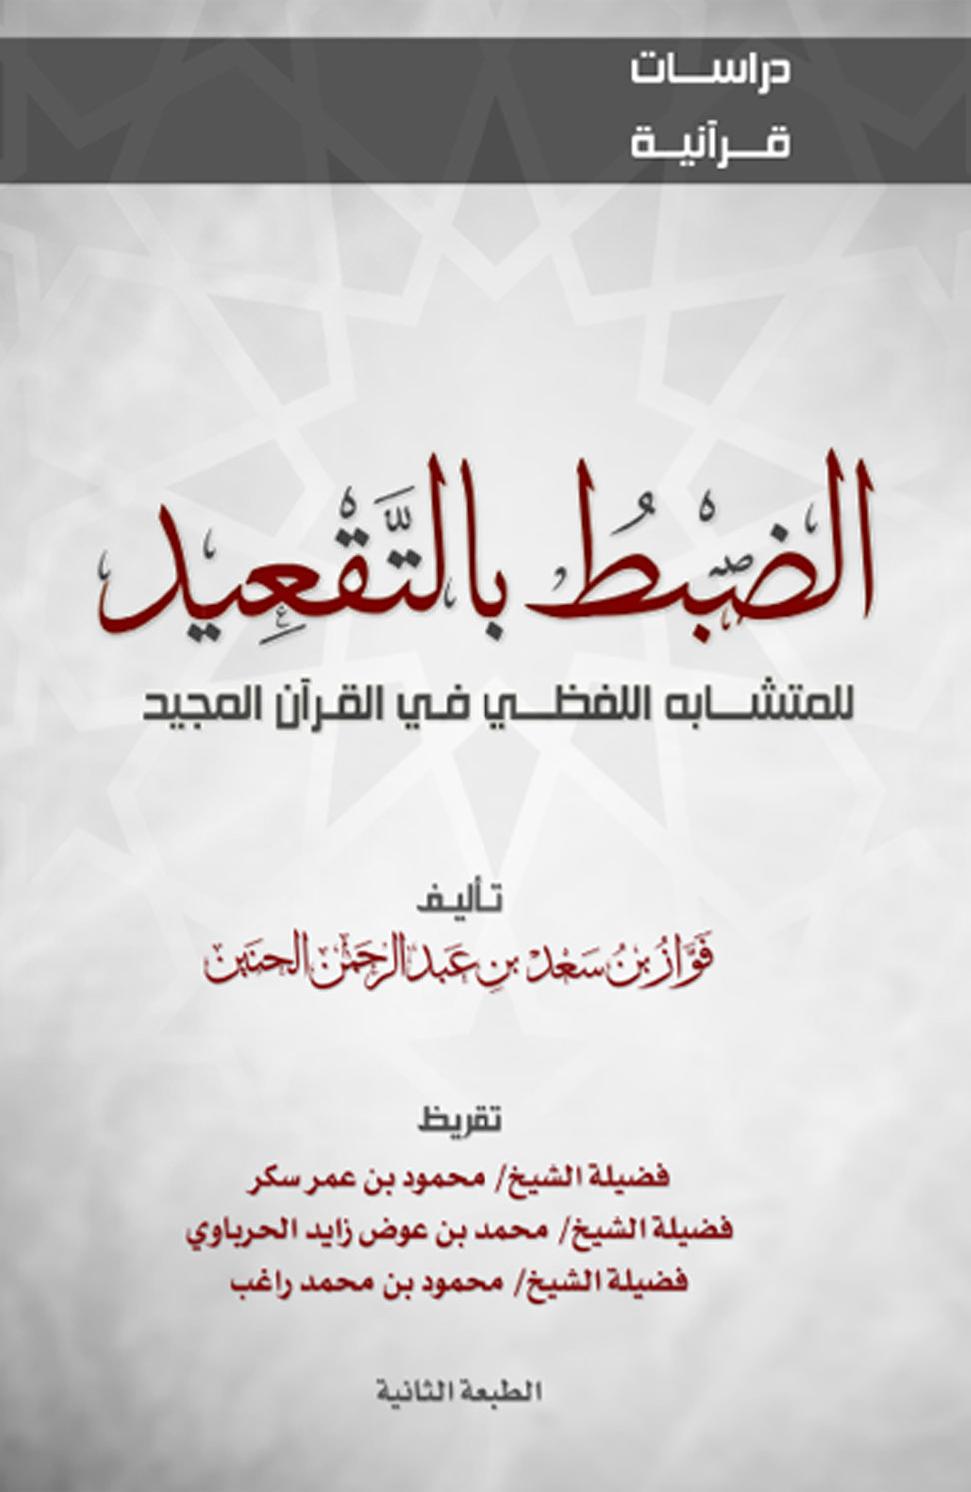 تحميل كتاب الضبط بالتقعيد للمتشابه اللفظي في القرآن المجيد لـِ: الشيخ فواز بن سعد بن عبد الرحمن الحنين